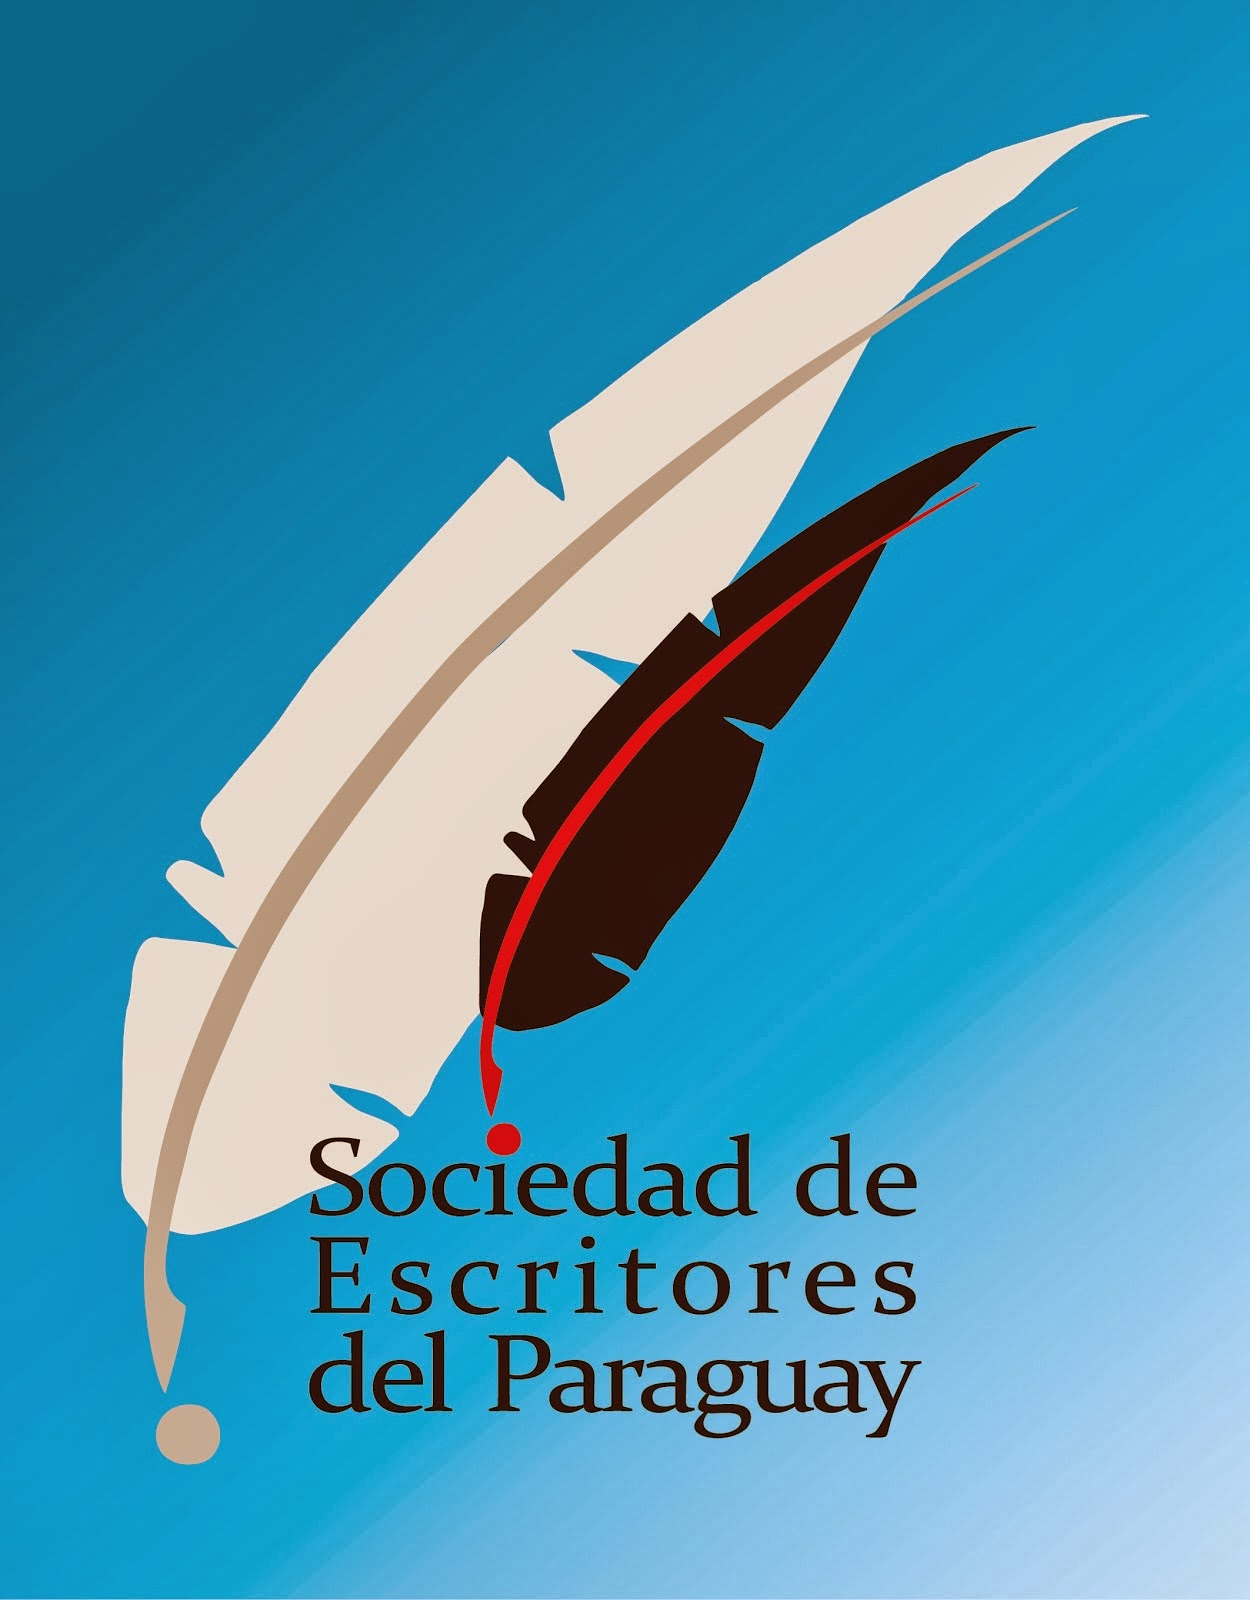 Sociedad de Escritores del Paraguay